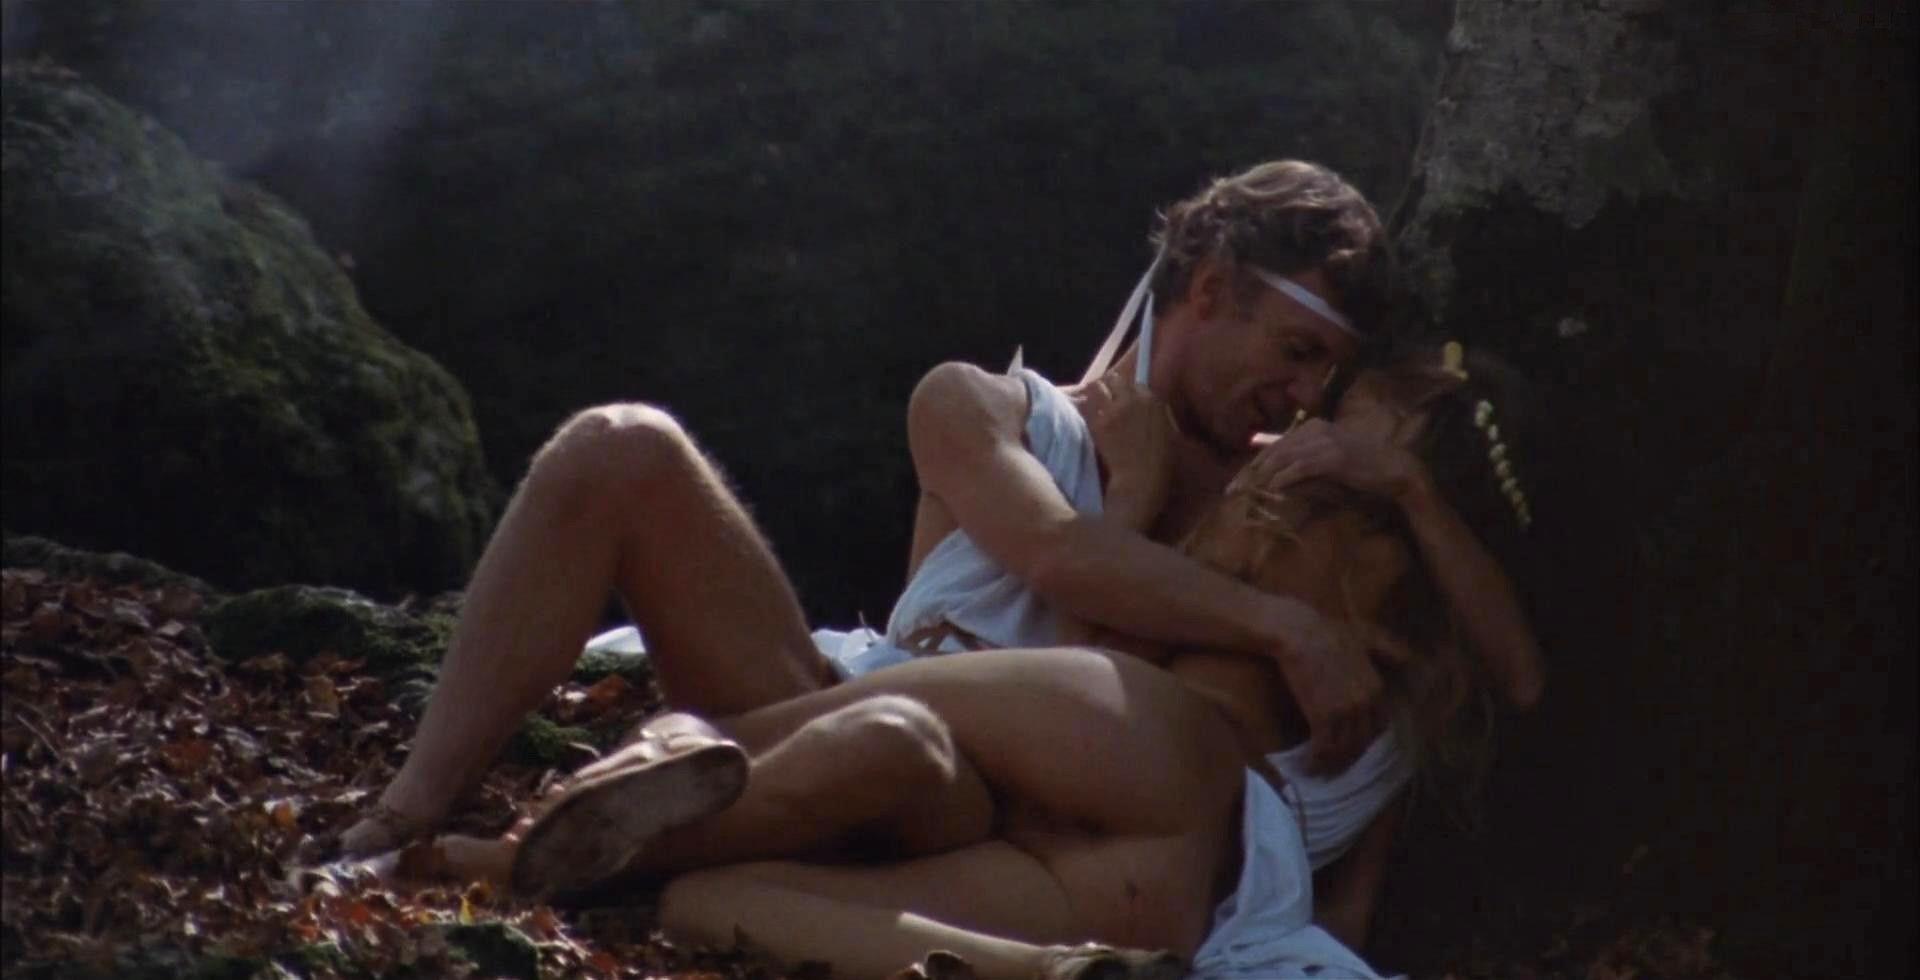 некоторым счастливчикам откровенная эротика в кино фрагменты она приникла сочной